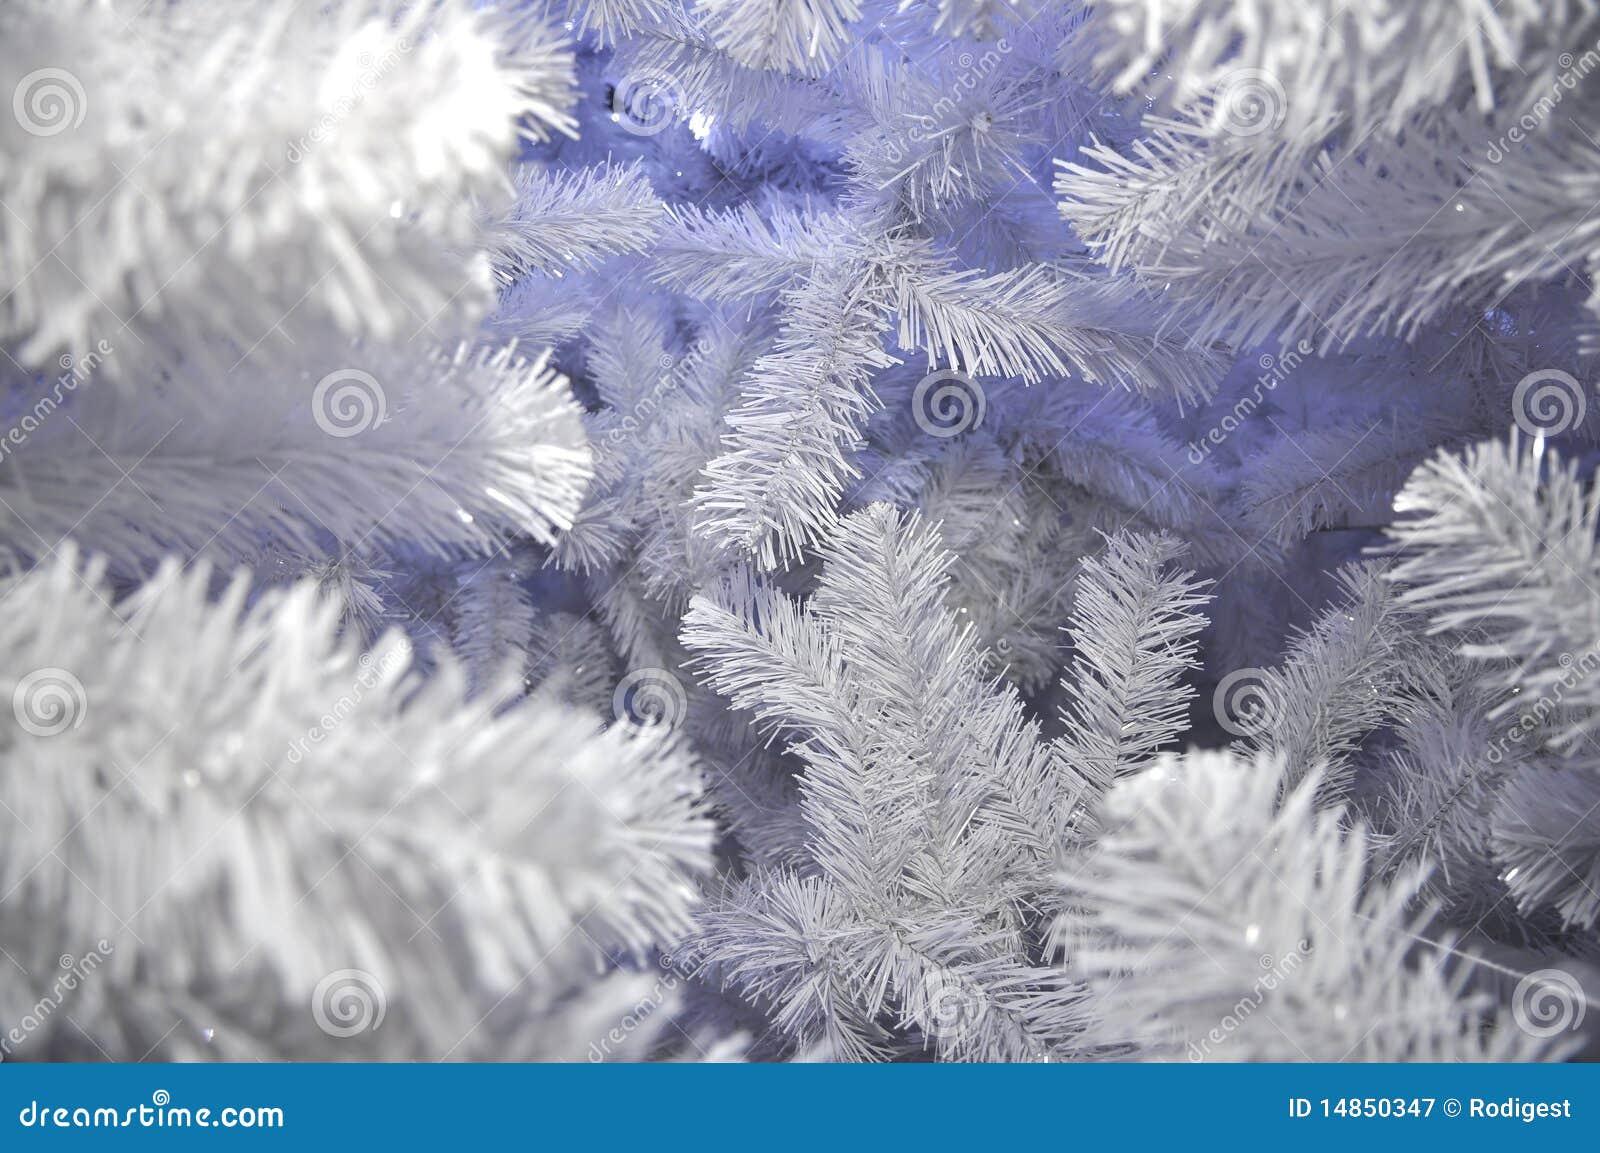 Snow Tree White Christmas Background